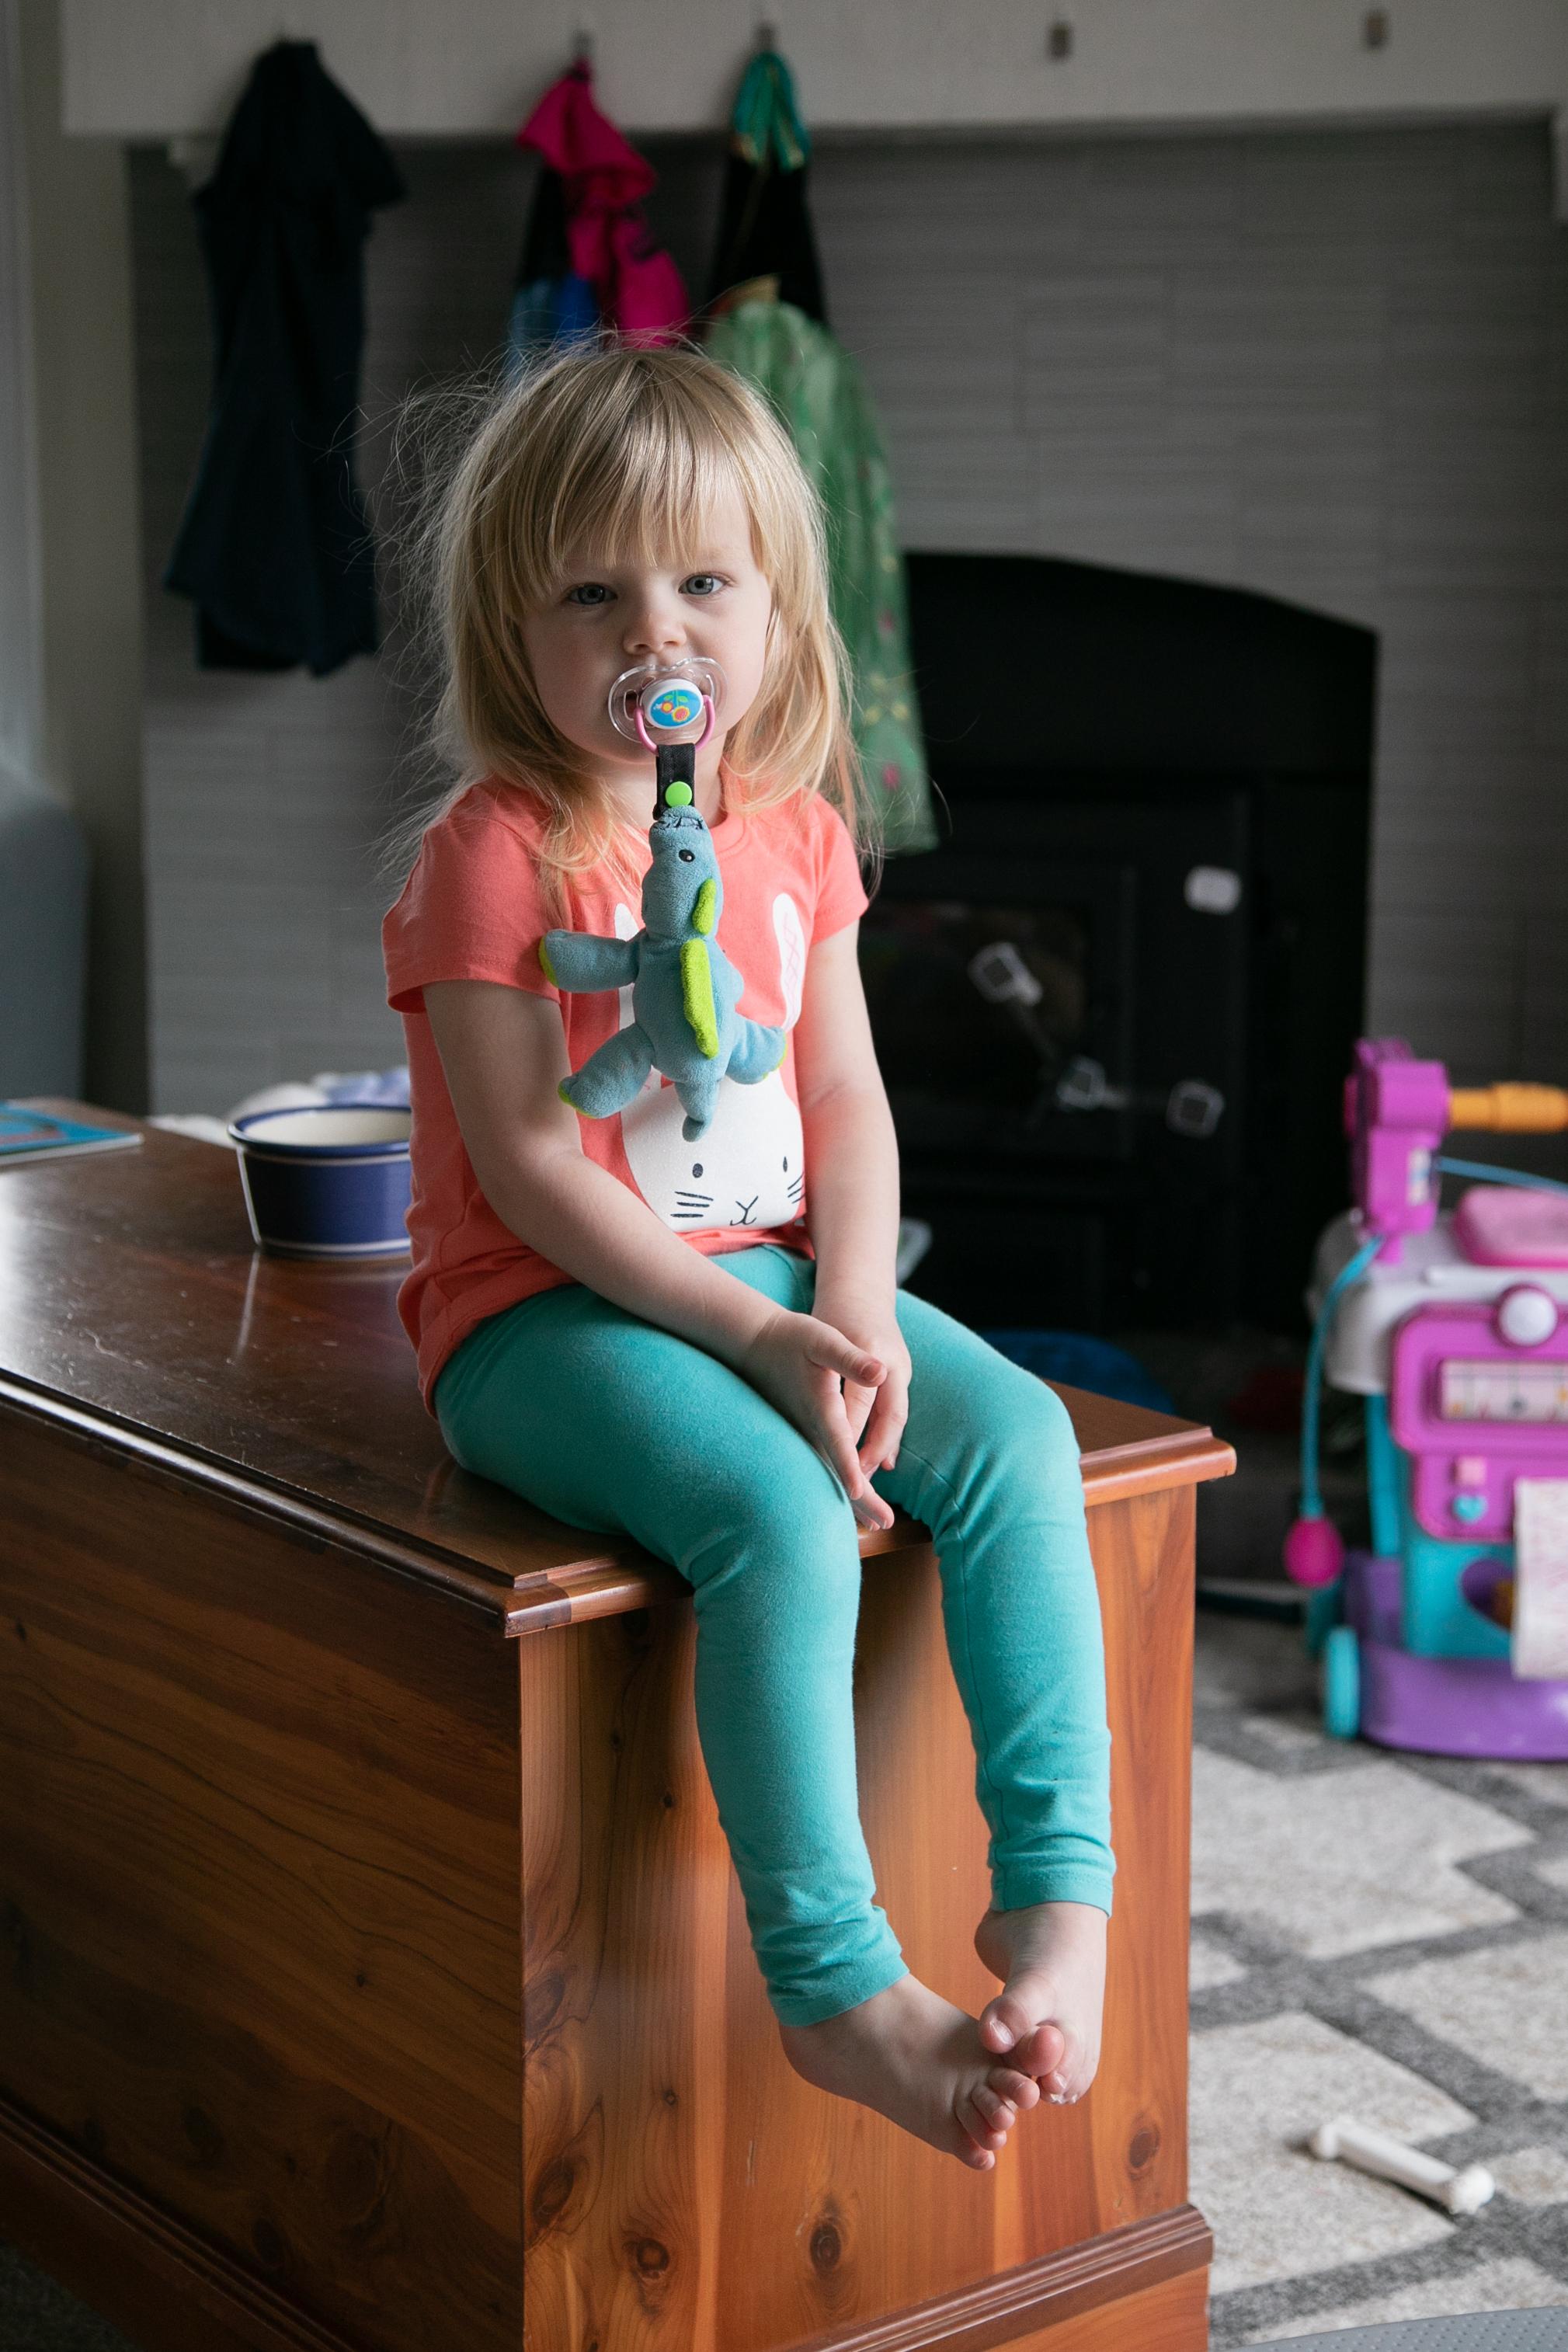 chicago lake county portrait child fine art children girl toddler-5417.jpg